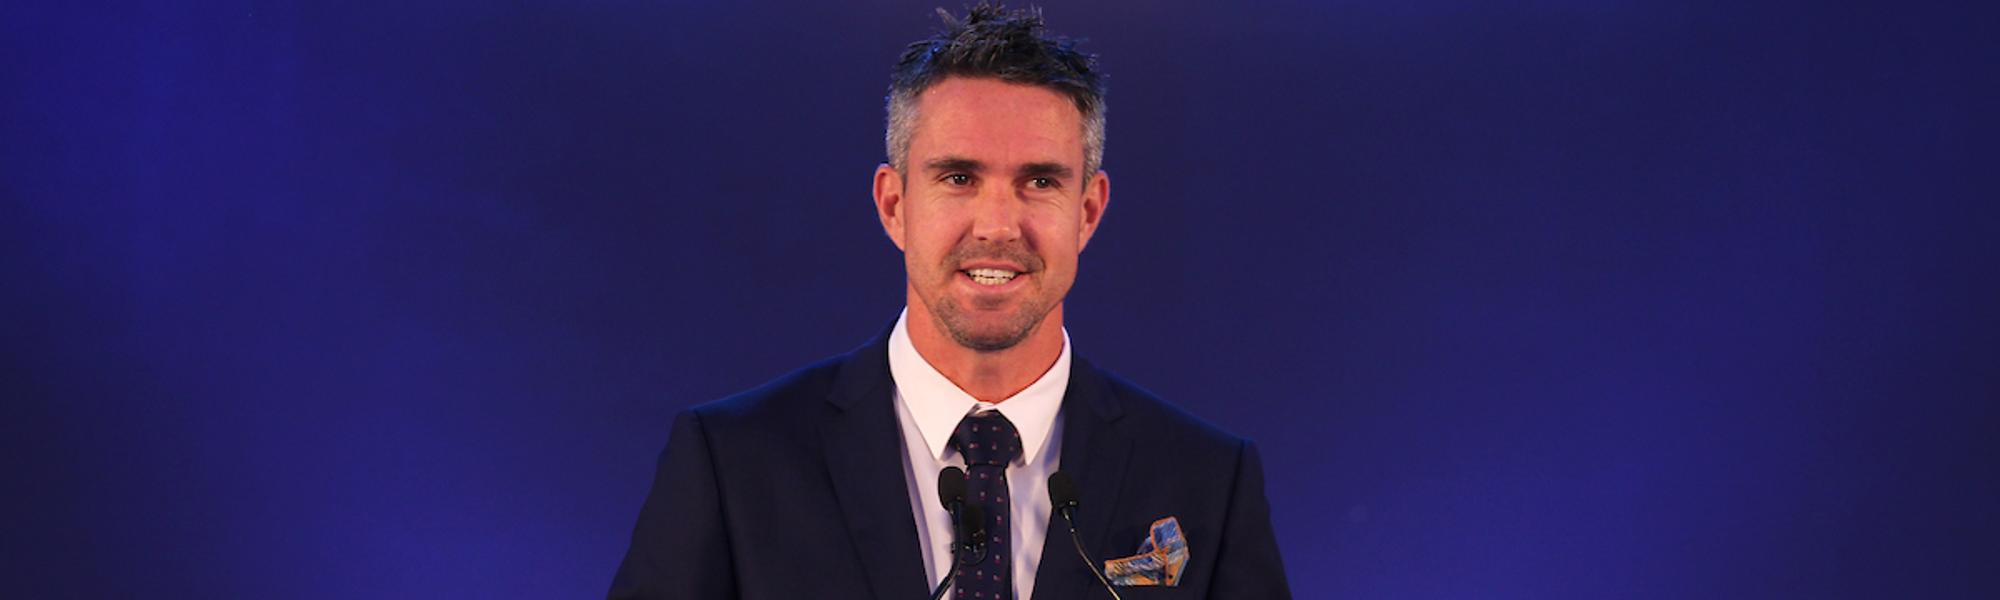 Kevin Pietersen at the MAK Pataudi Memorial Lecture, 2018